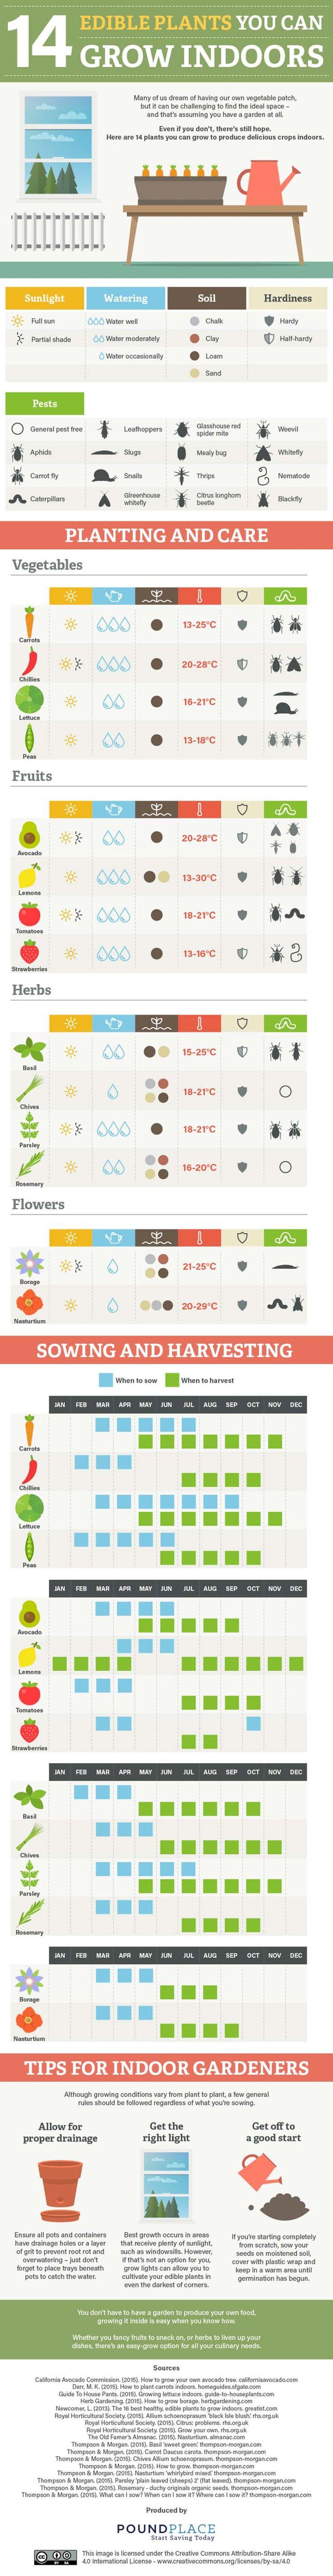 14 plantes potagères que l'on peut faire pousser en intérieur et en pot | #basileek #potager #interieur